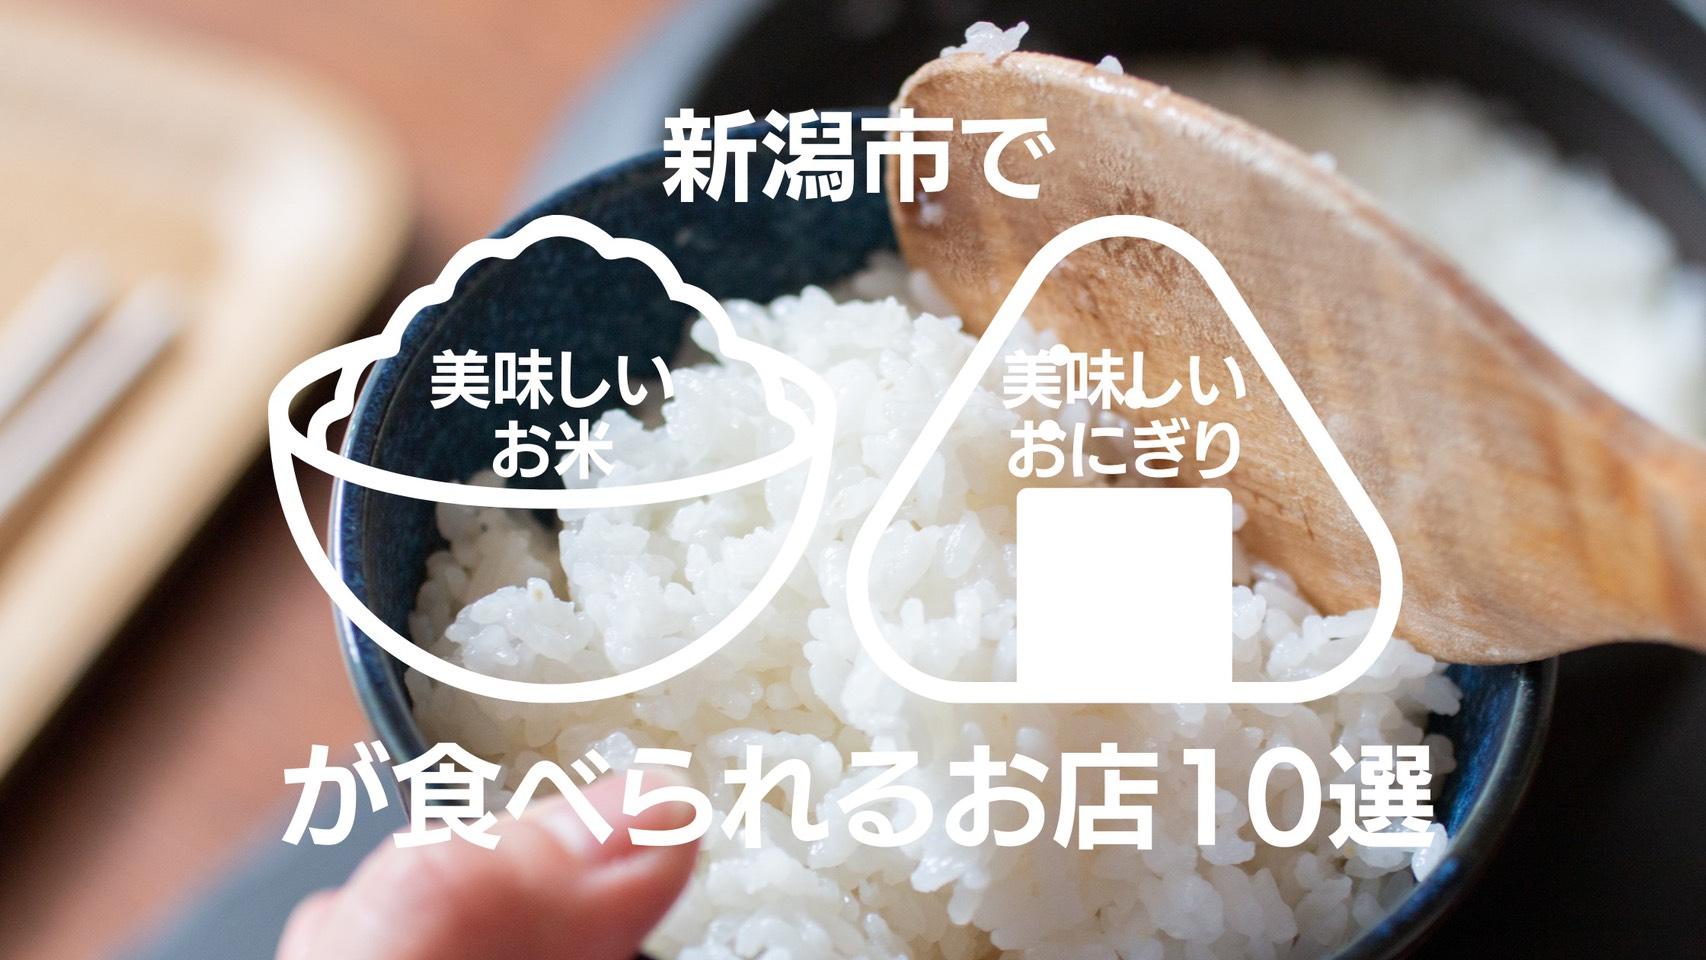 新潟市でおいしいお米・おにぎりが食べられるお店10選